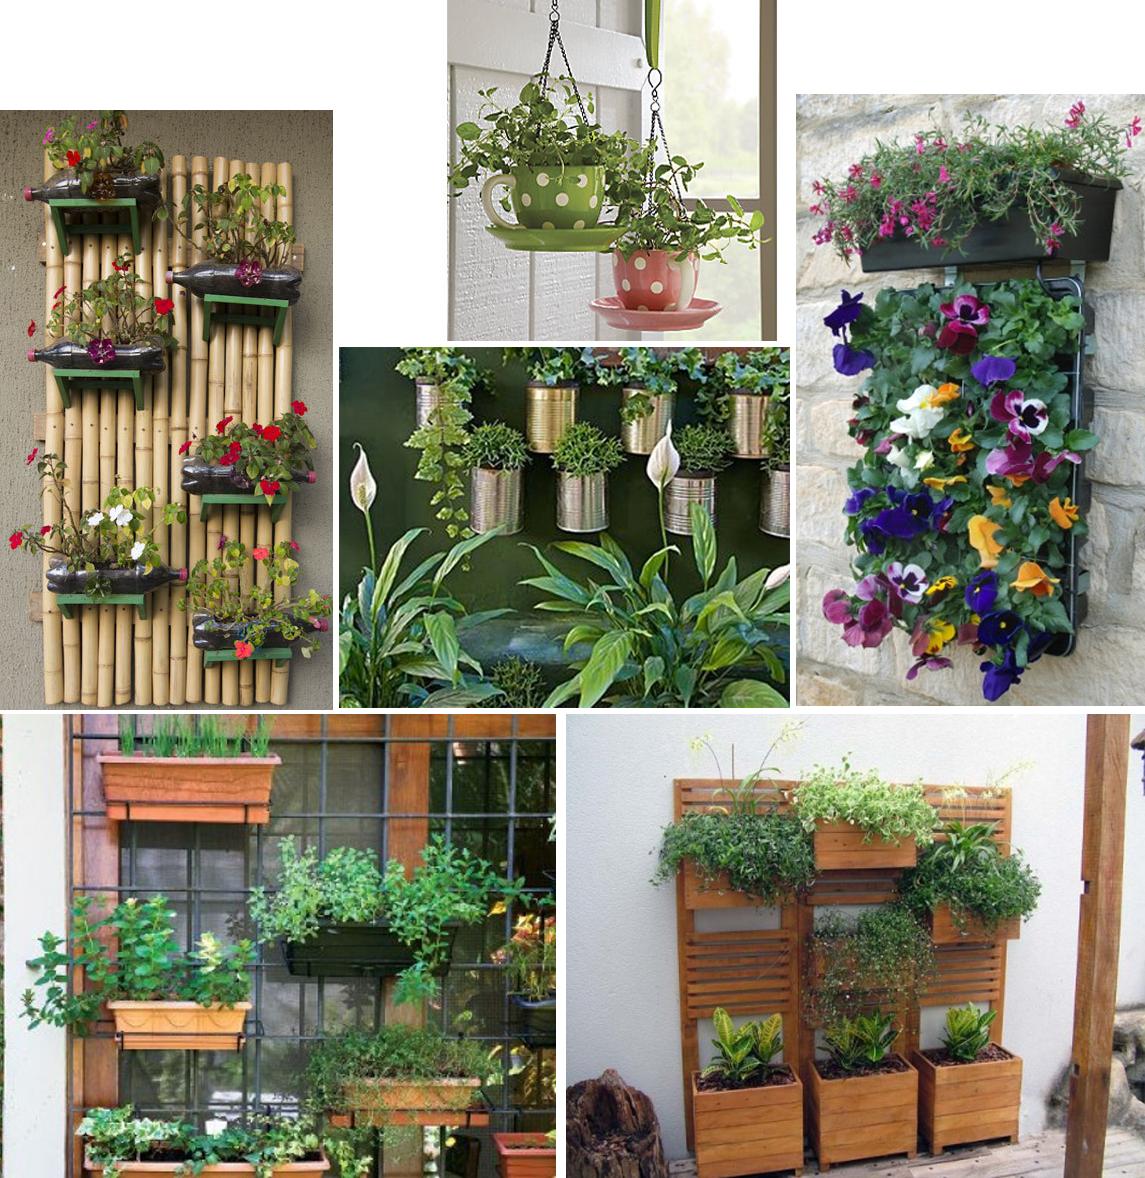 ideias baratas para jardim vertical : ideias baratas para jardim vertical:Varanda com jardim vertical – Deixe sua varanda com a cara da moda